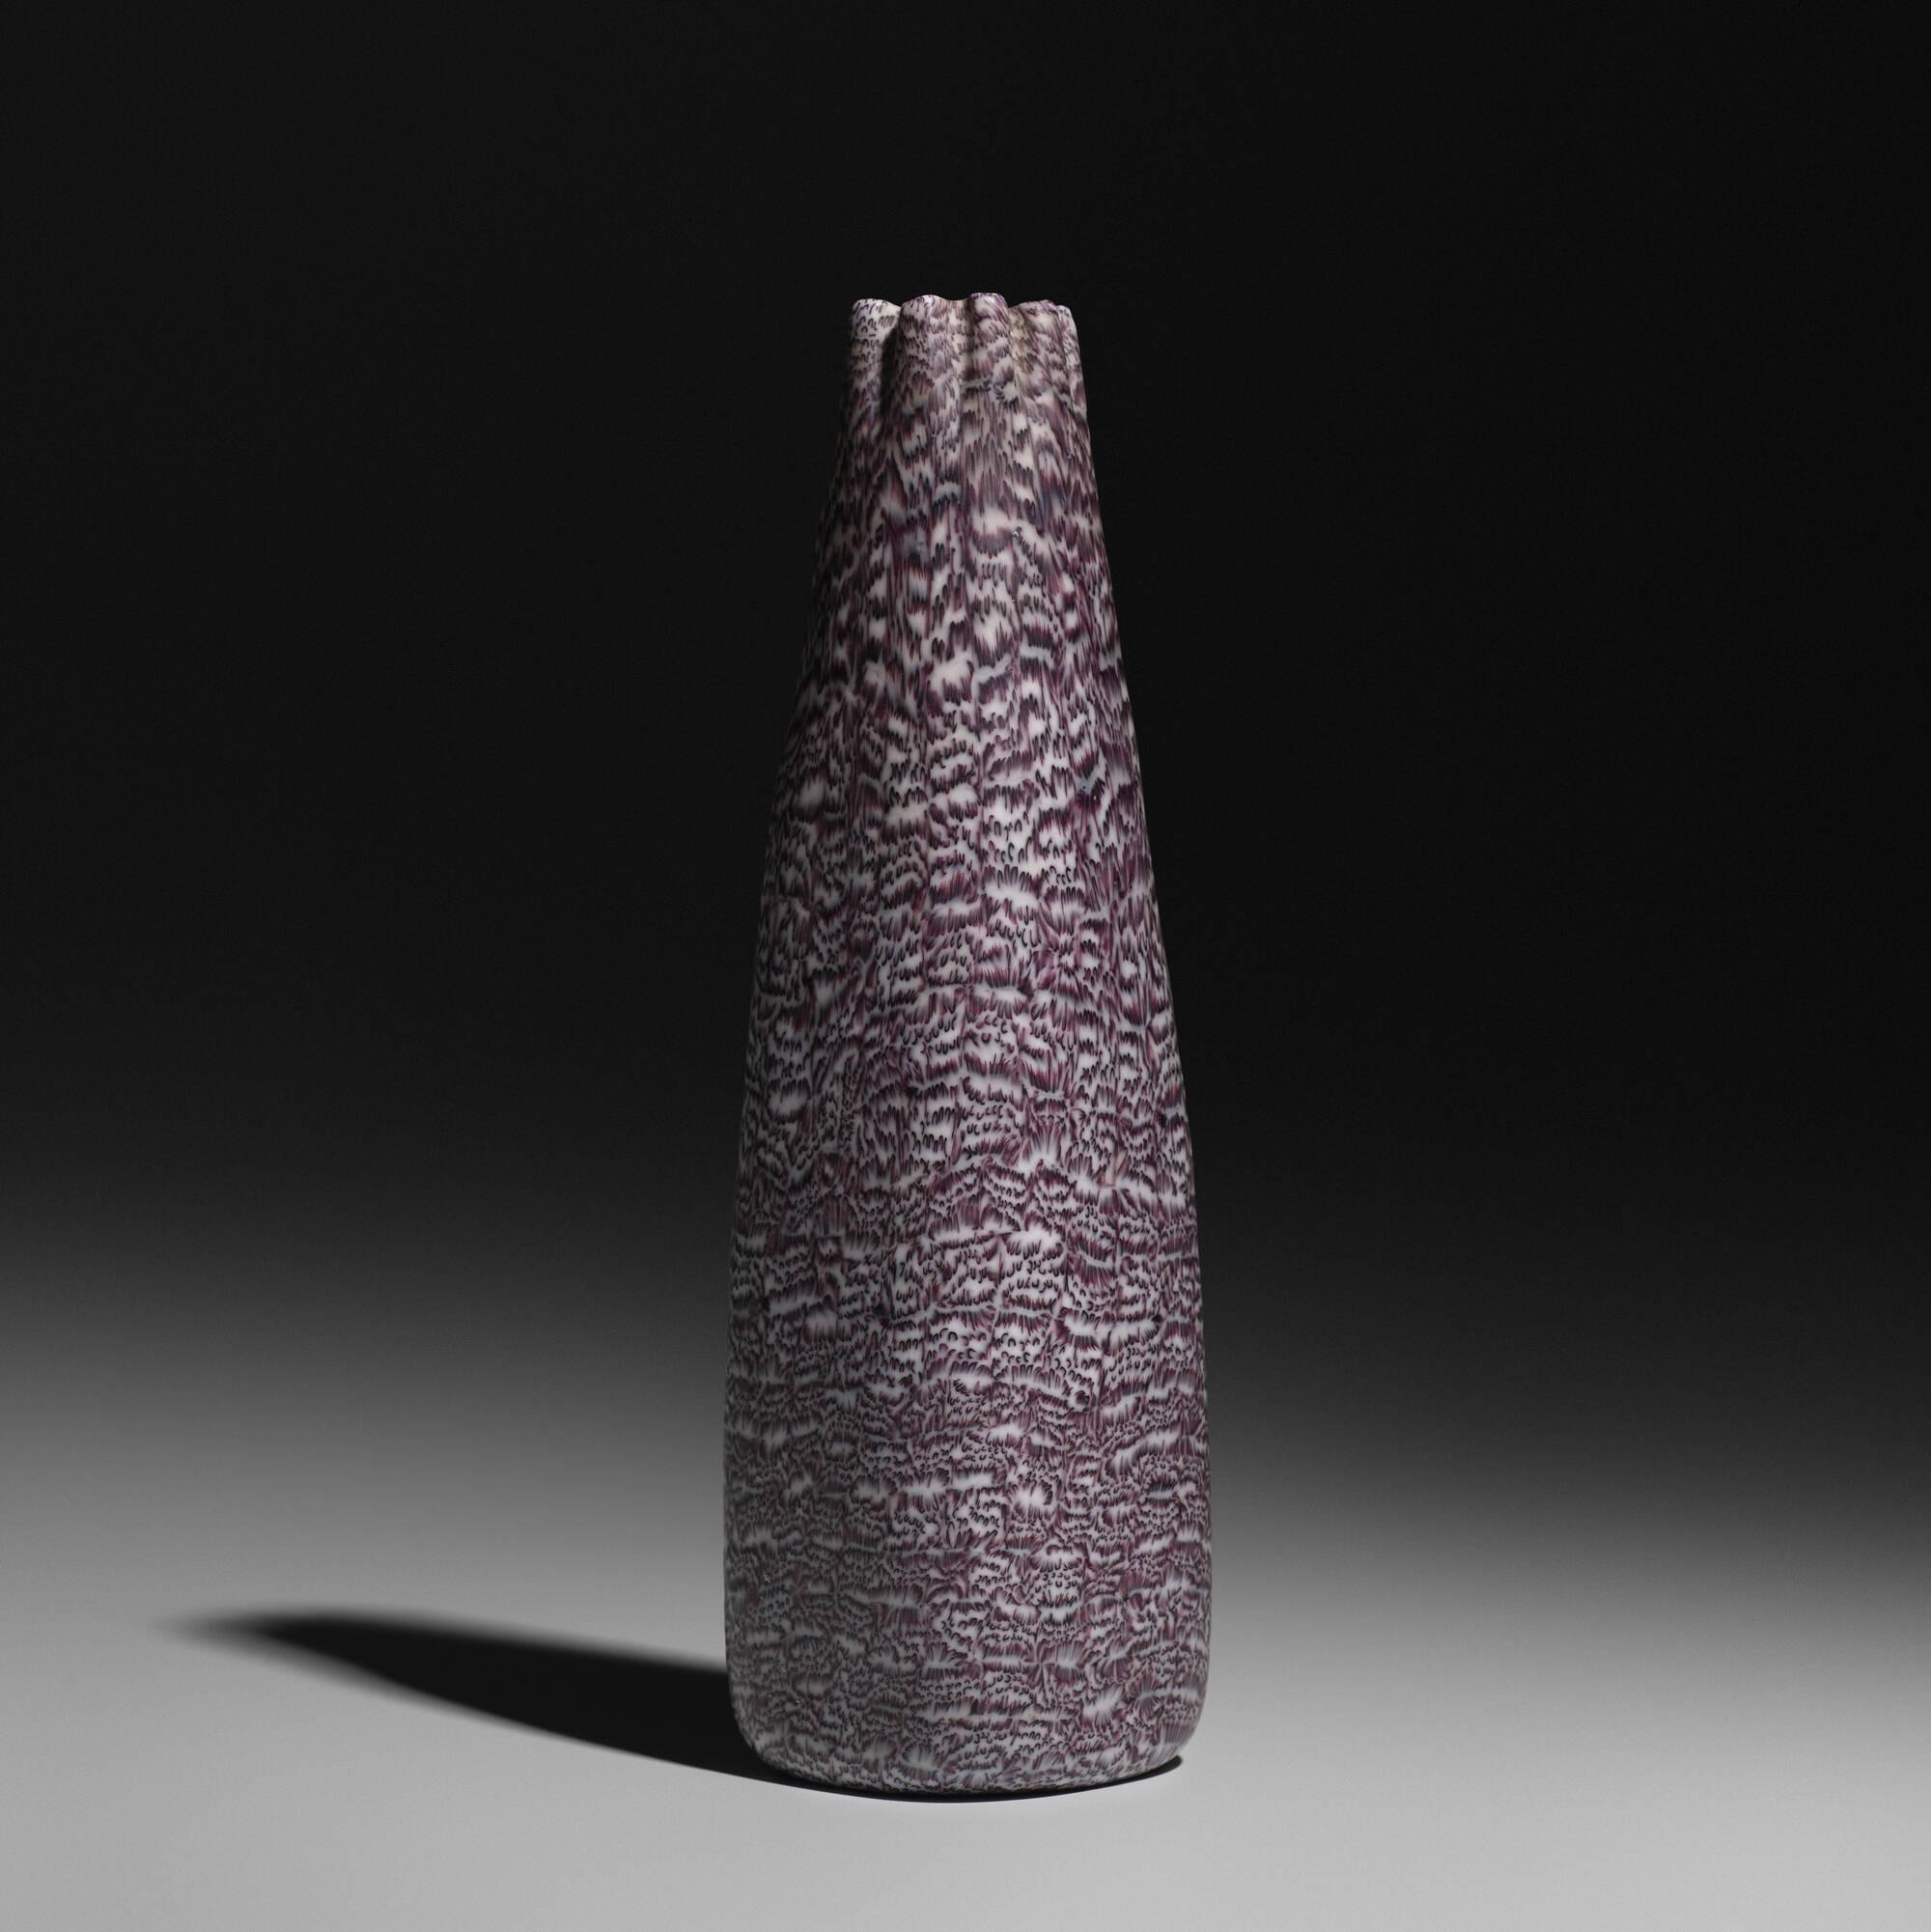 153: Paolo Venini / a Murrine vase, model 3670 (1 of 3)